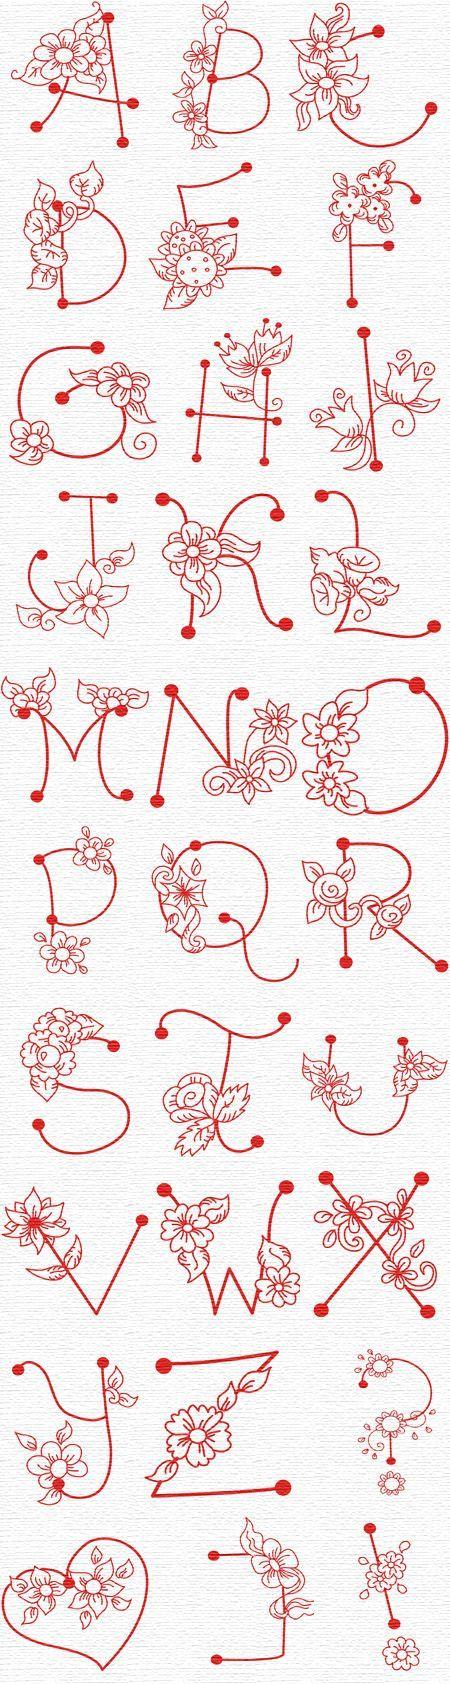 Flower letters for art journal scrapbook pinterest